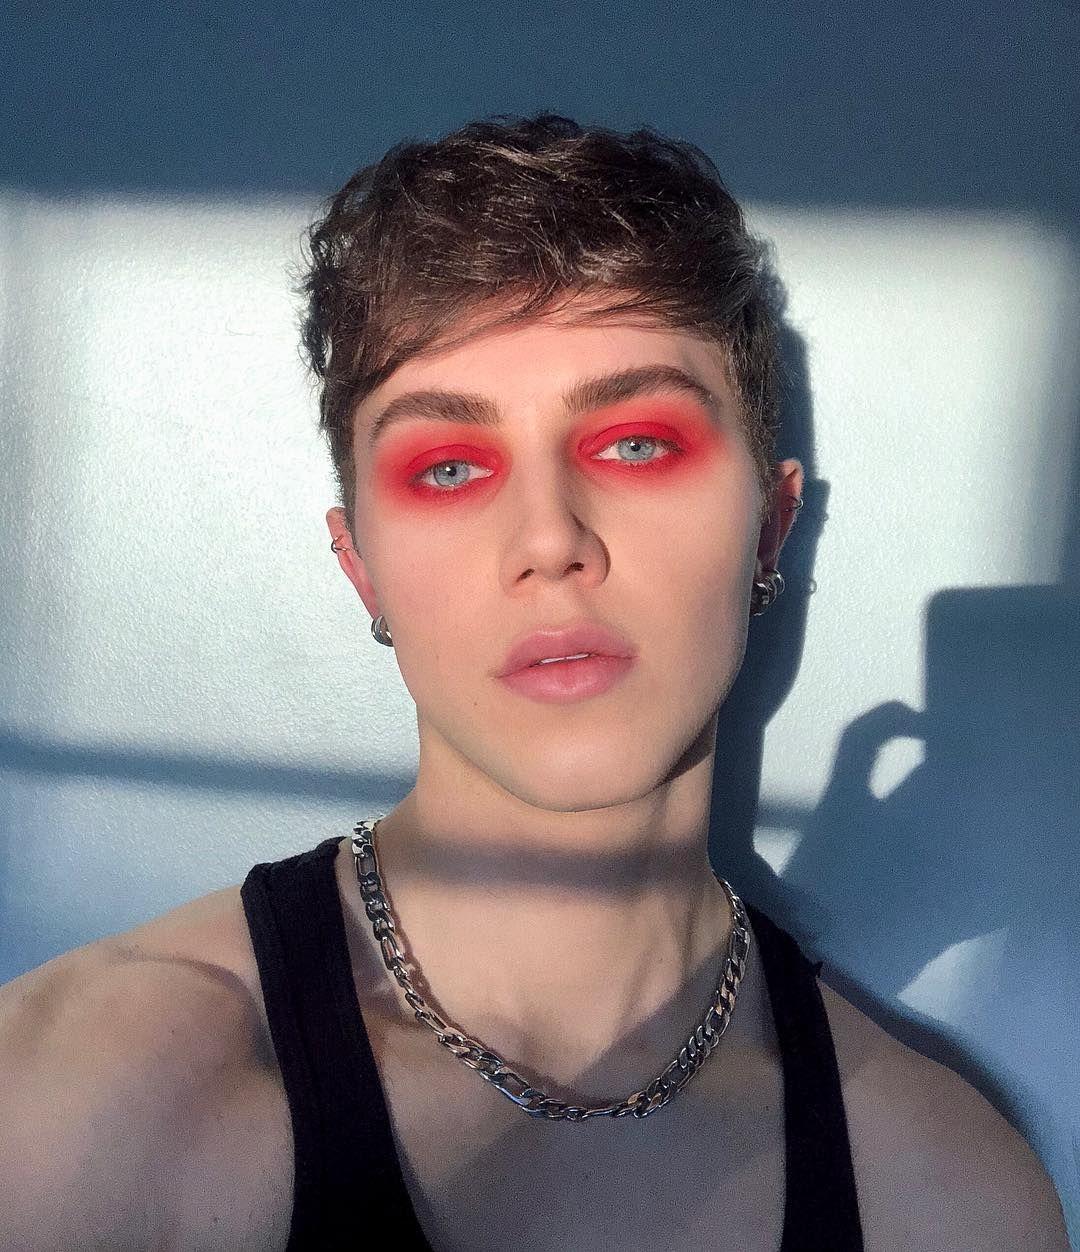 ᴘɪɴᴛᴇʀᴇsᴛ┊ᴄʟᴏᴜᴅxᴏɴᴇ ༉‧₊˚ Punk makeup, Androgynous makeup